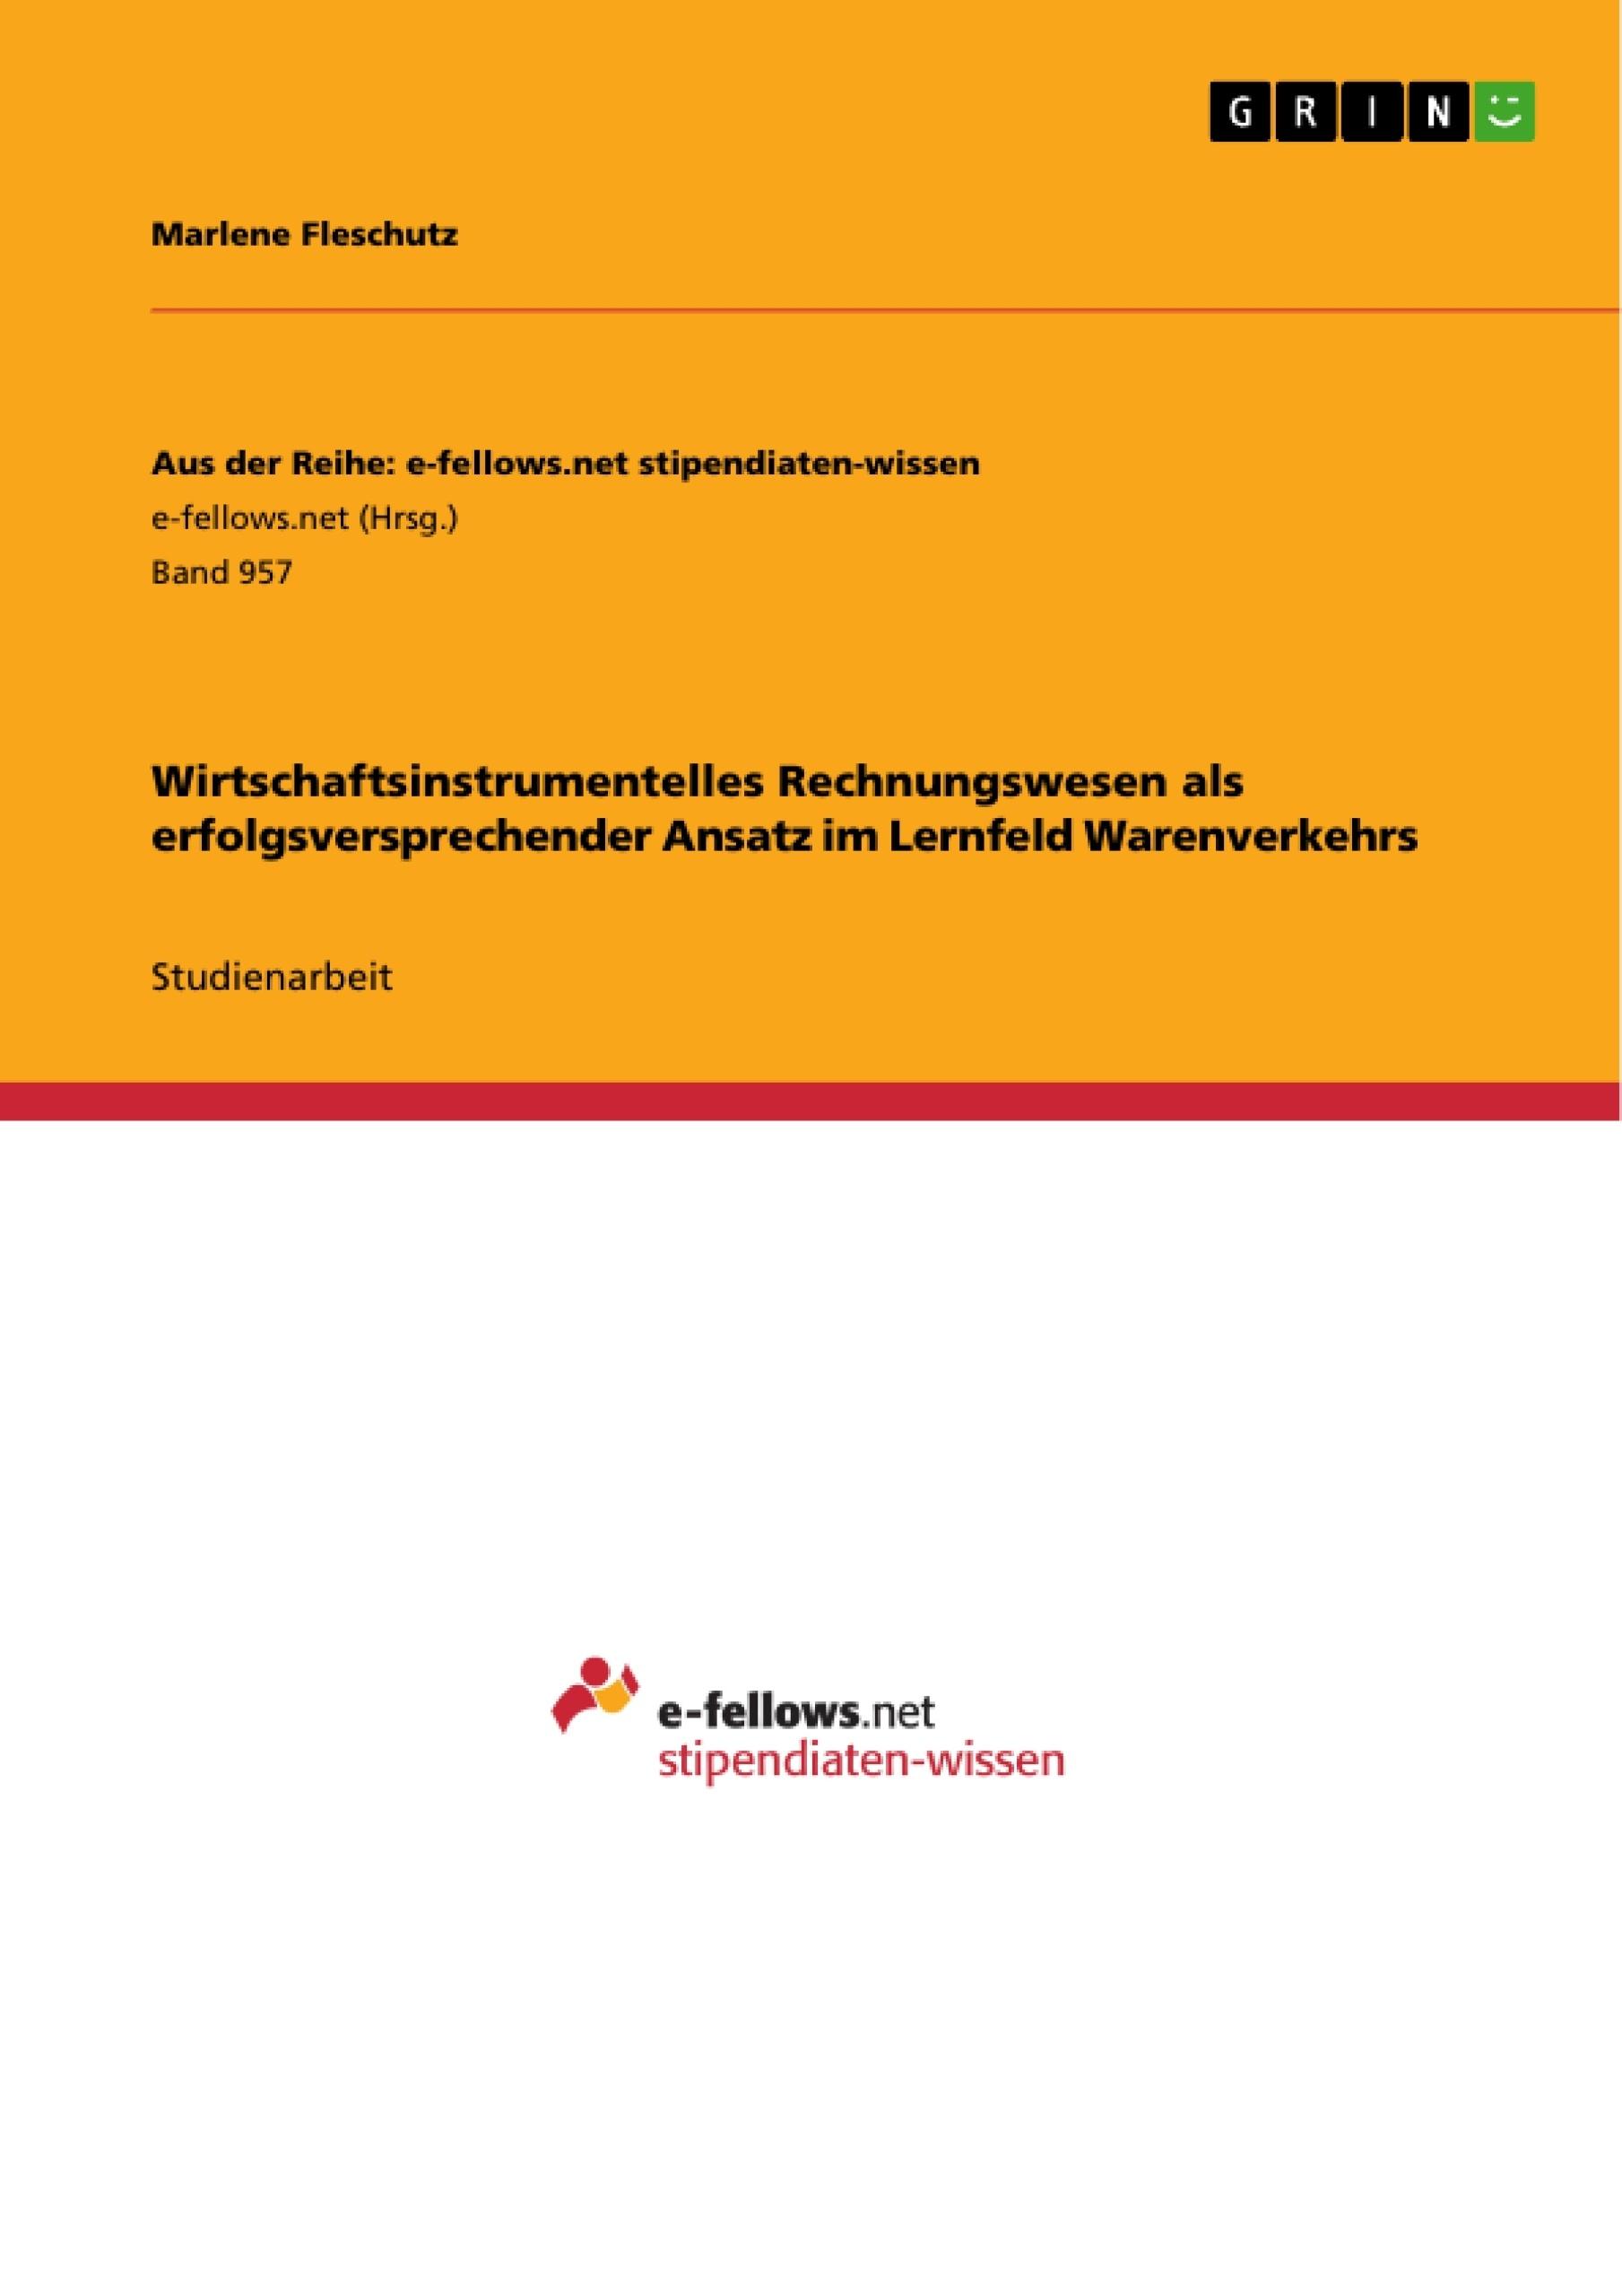 Titel: Wirtschaftsinstrumentelles Rechnungswesen als erfolgsversprechender Ansatz im Lernfeld Warenverkehrs